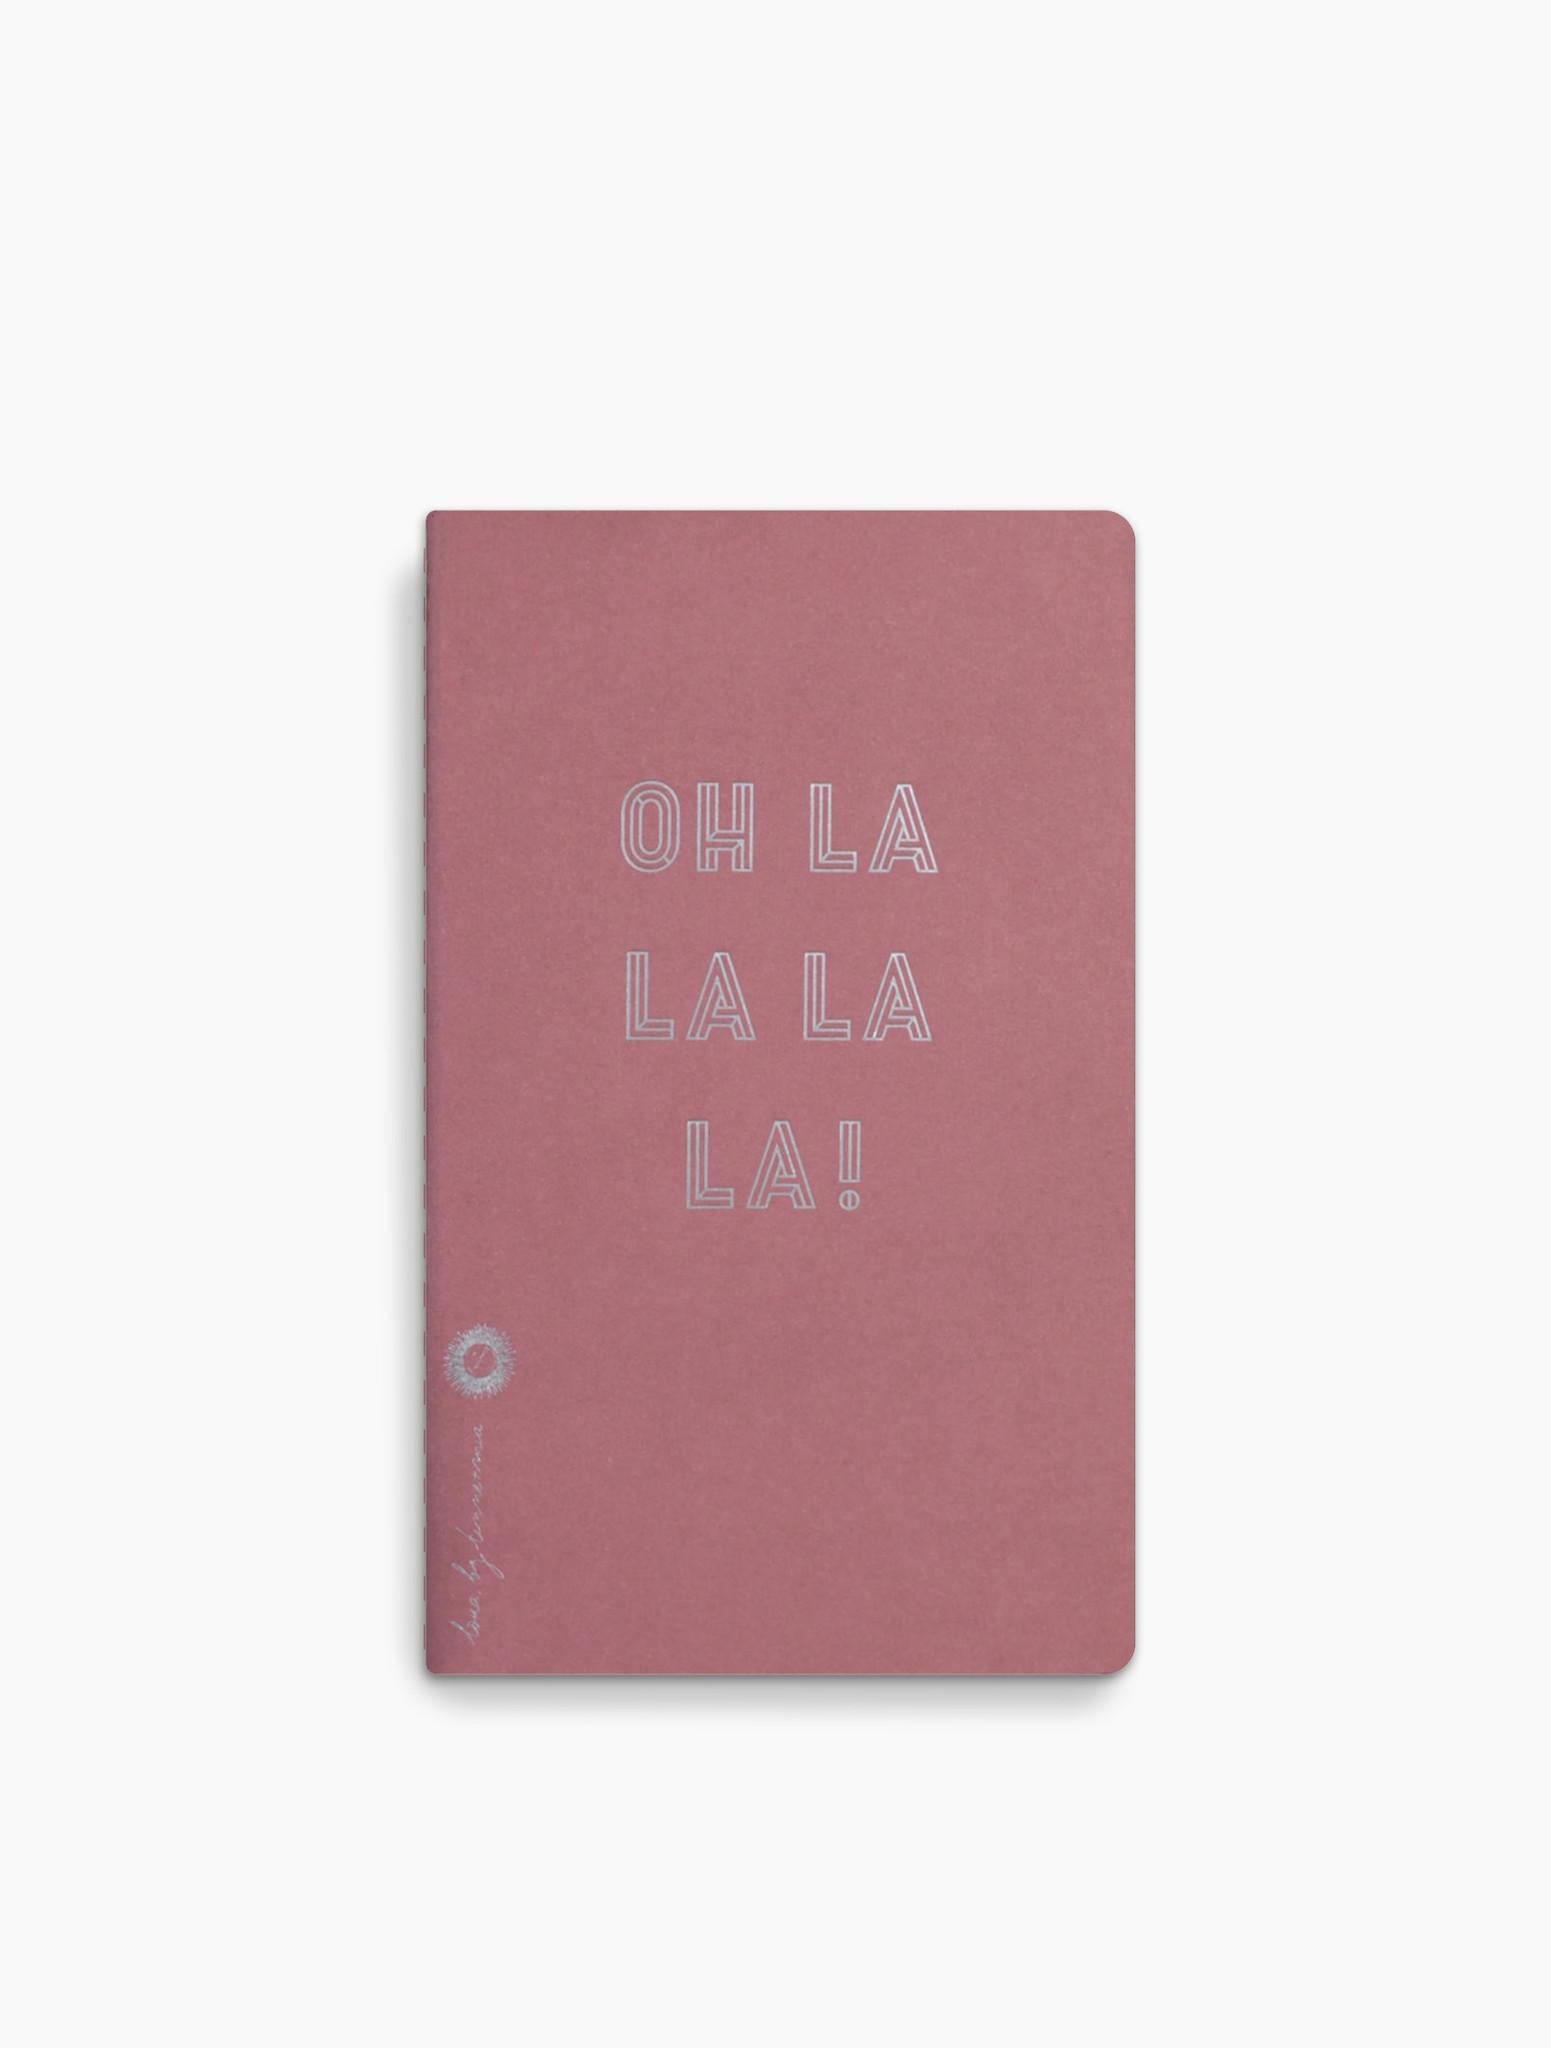 Dot grid notebook Loua - Ohlalalala-1